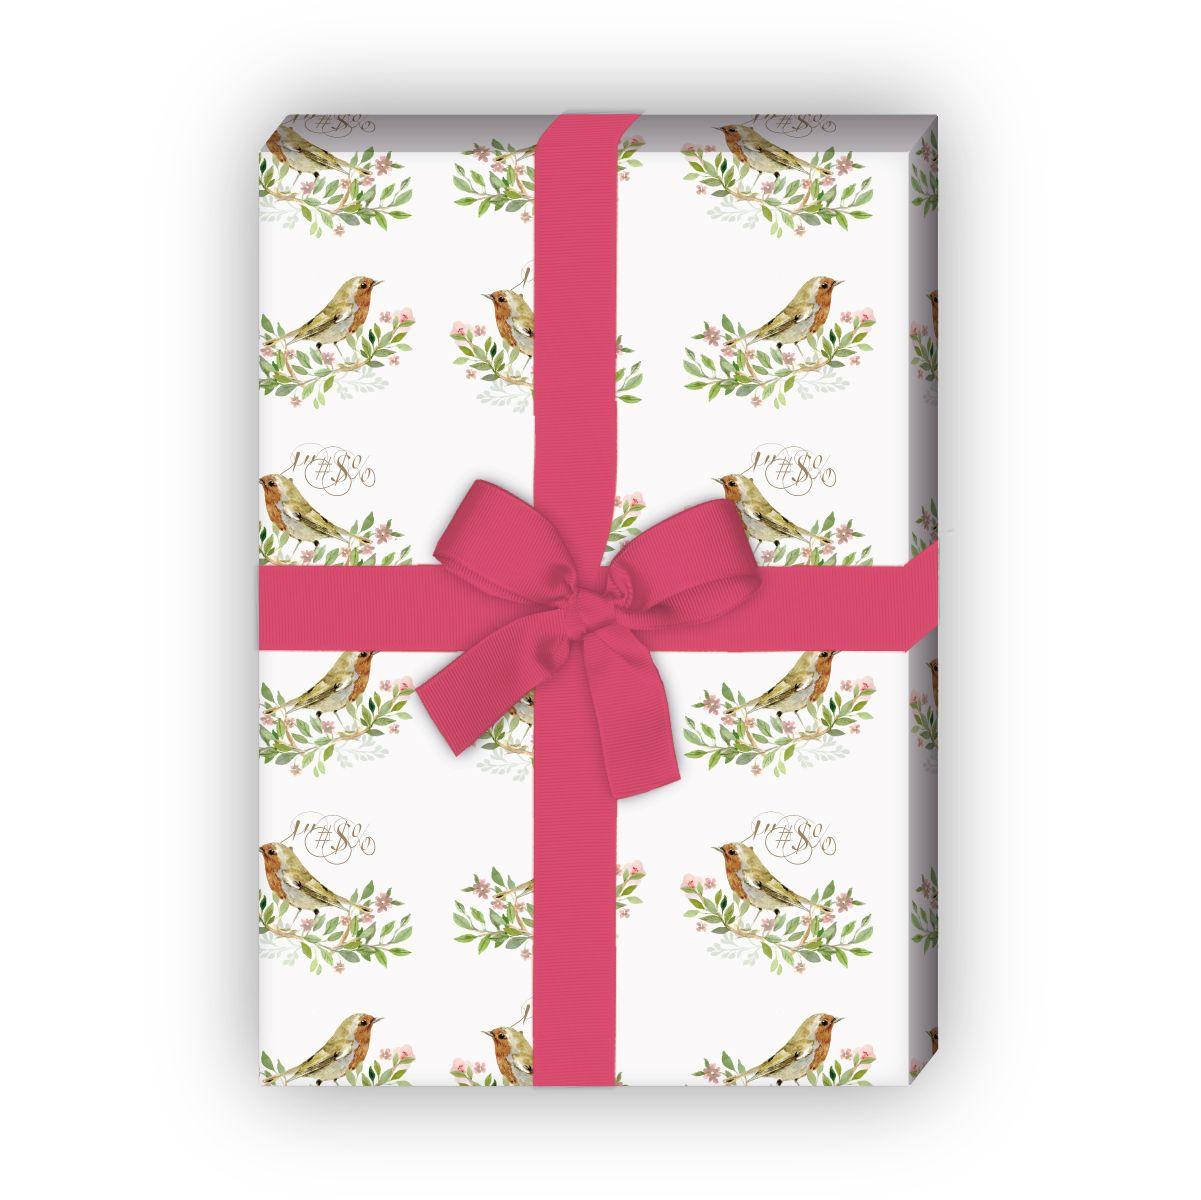 Klassisches Dankes Geschenkpapier mit Vö(4 Bogen, 32 x 48cm), in weiß 1